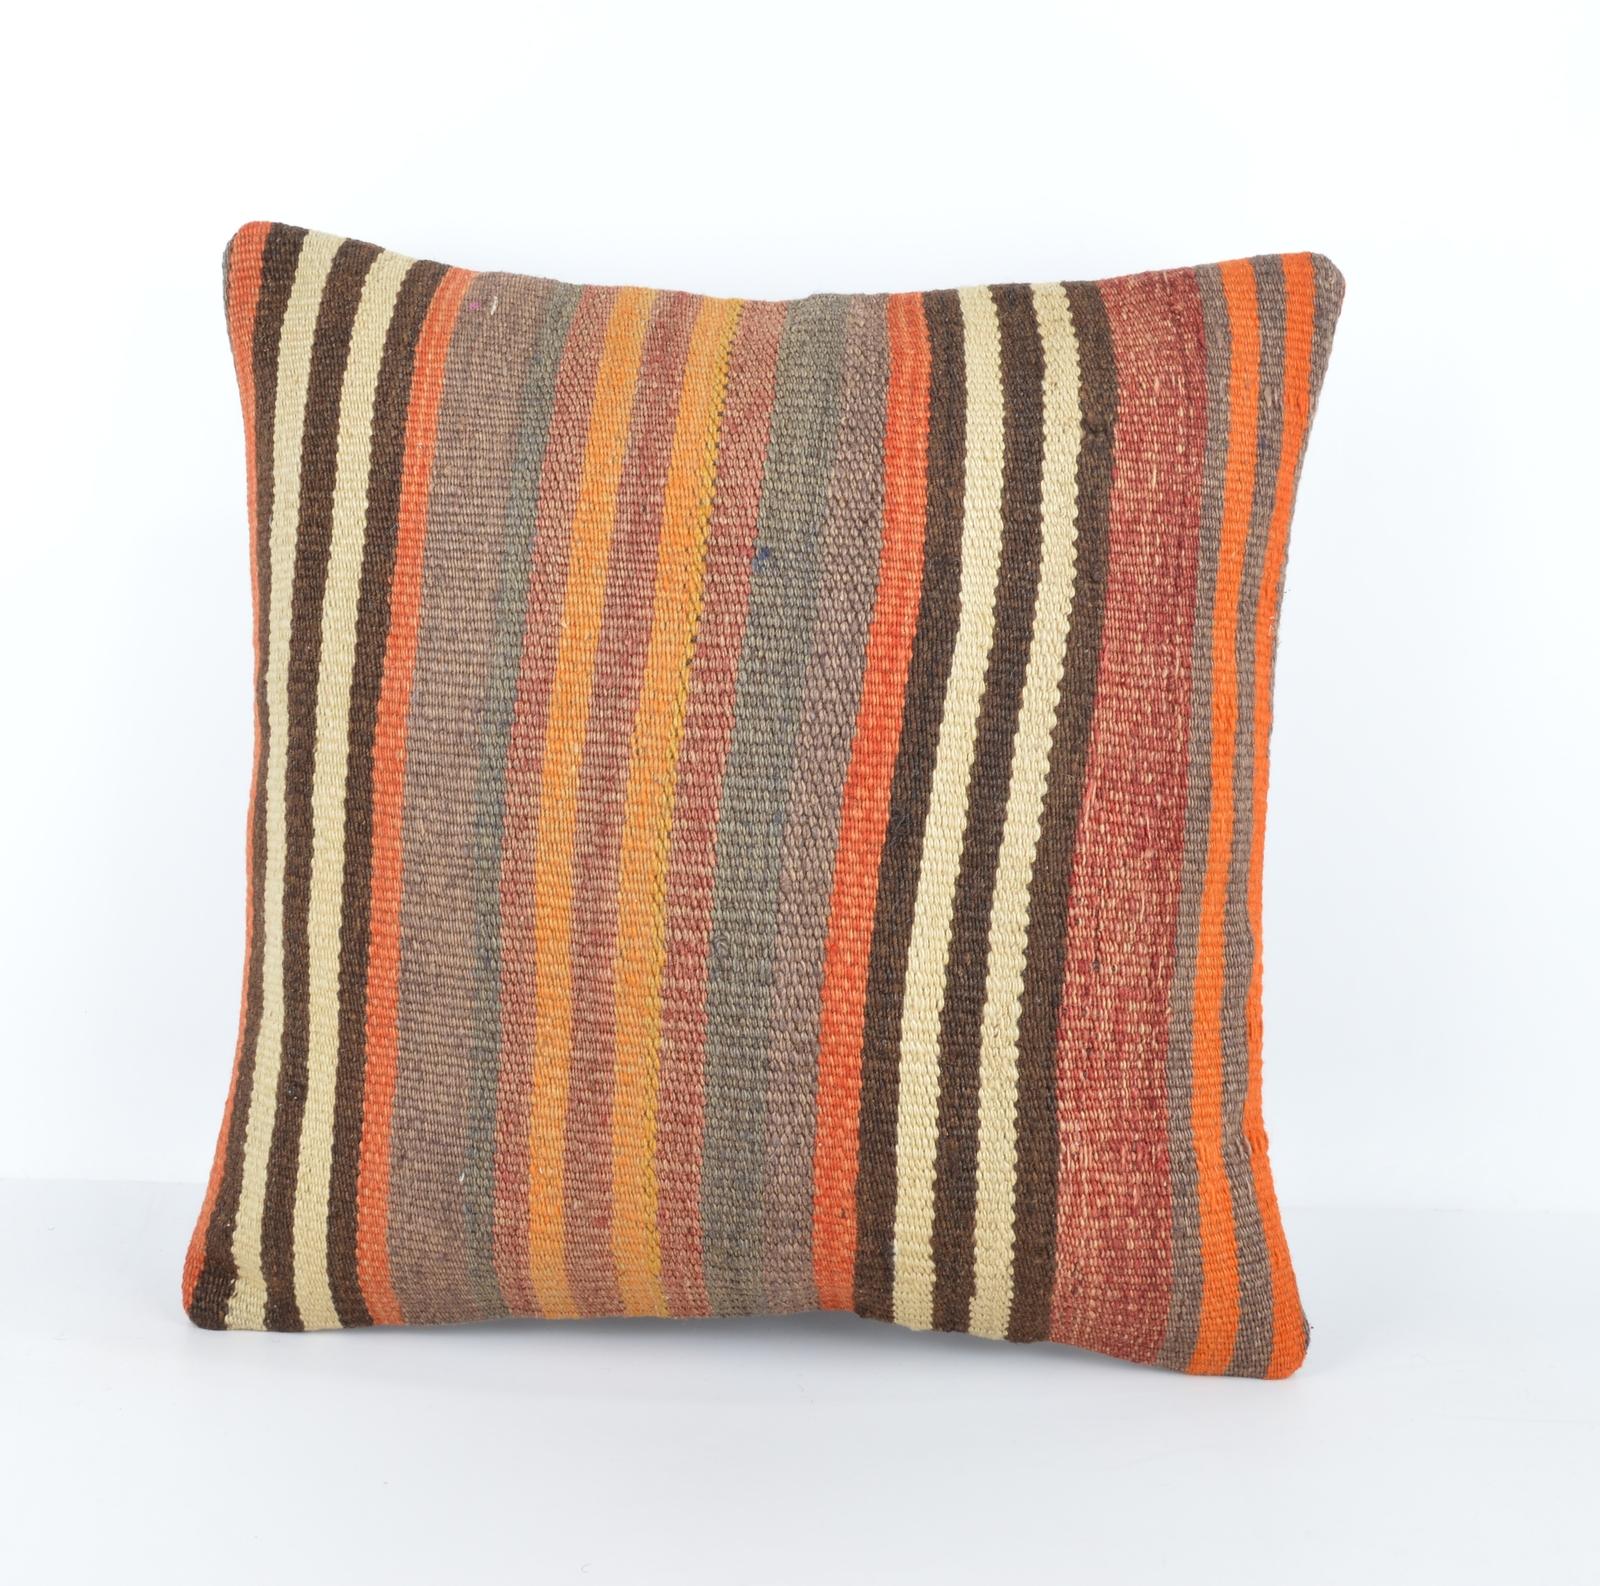 Bohemian Style Throw Pillows : kilim,throw pillow kilim,bohemian decor,throw pillow,decorative throw pillows16 - Pillows